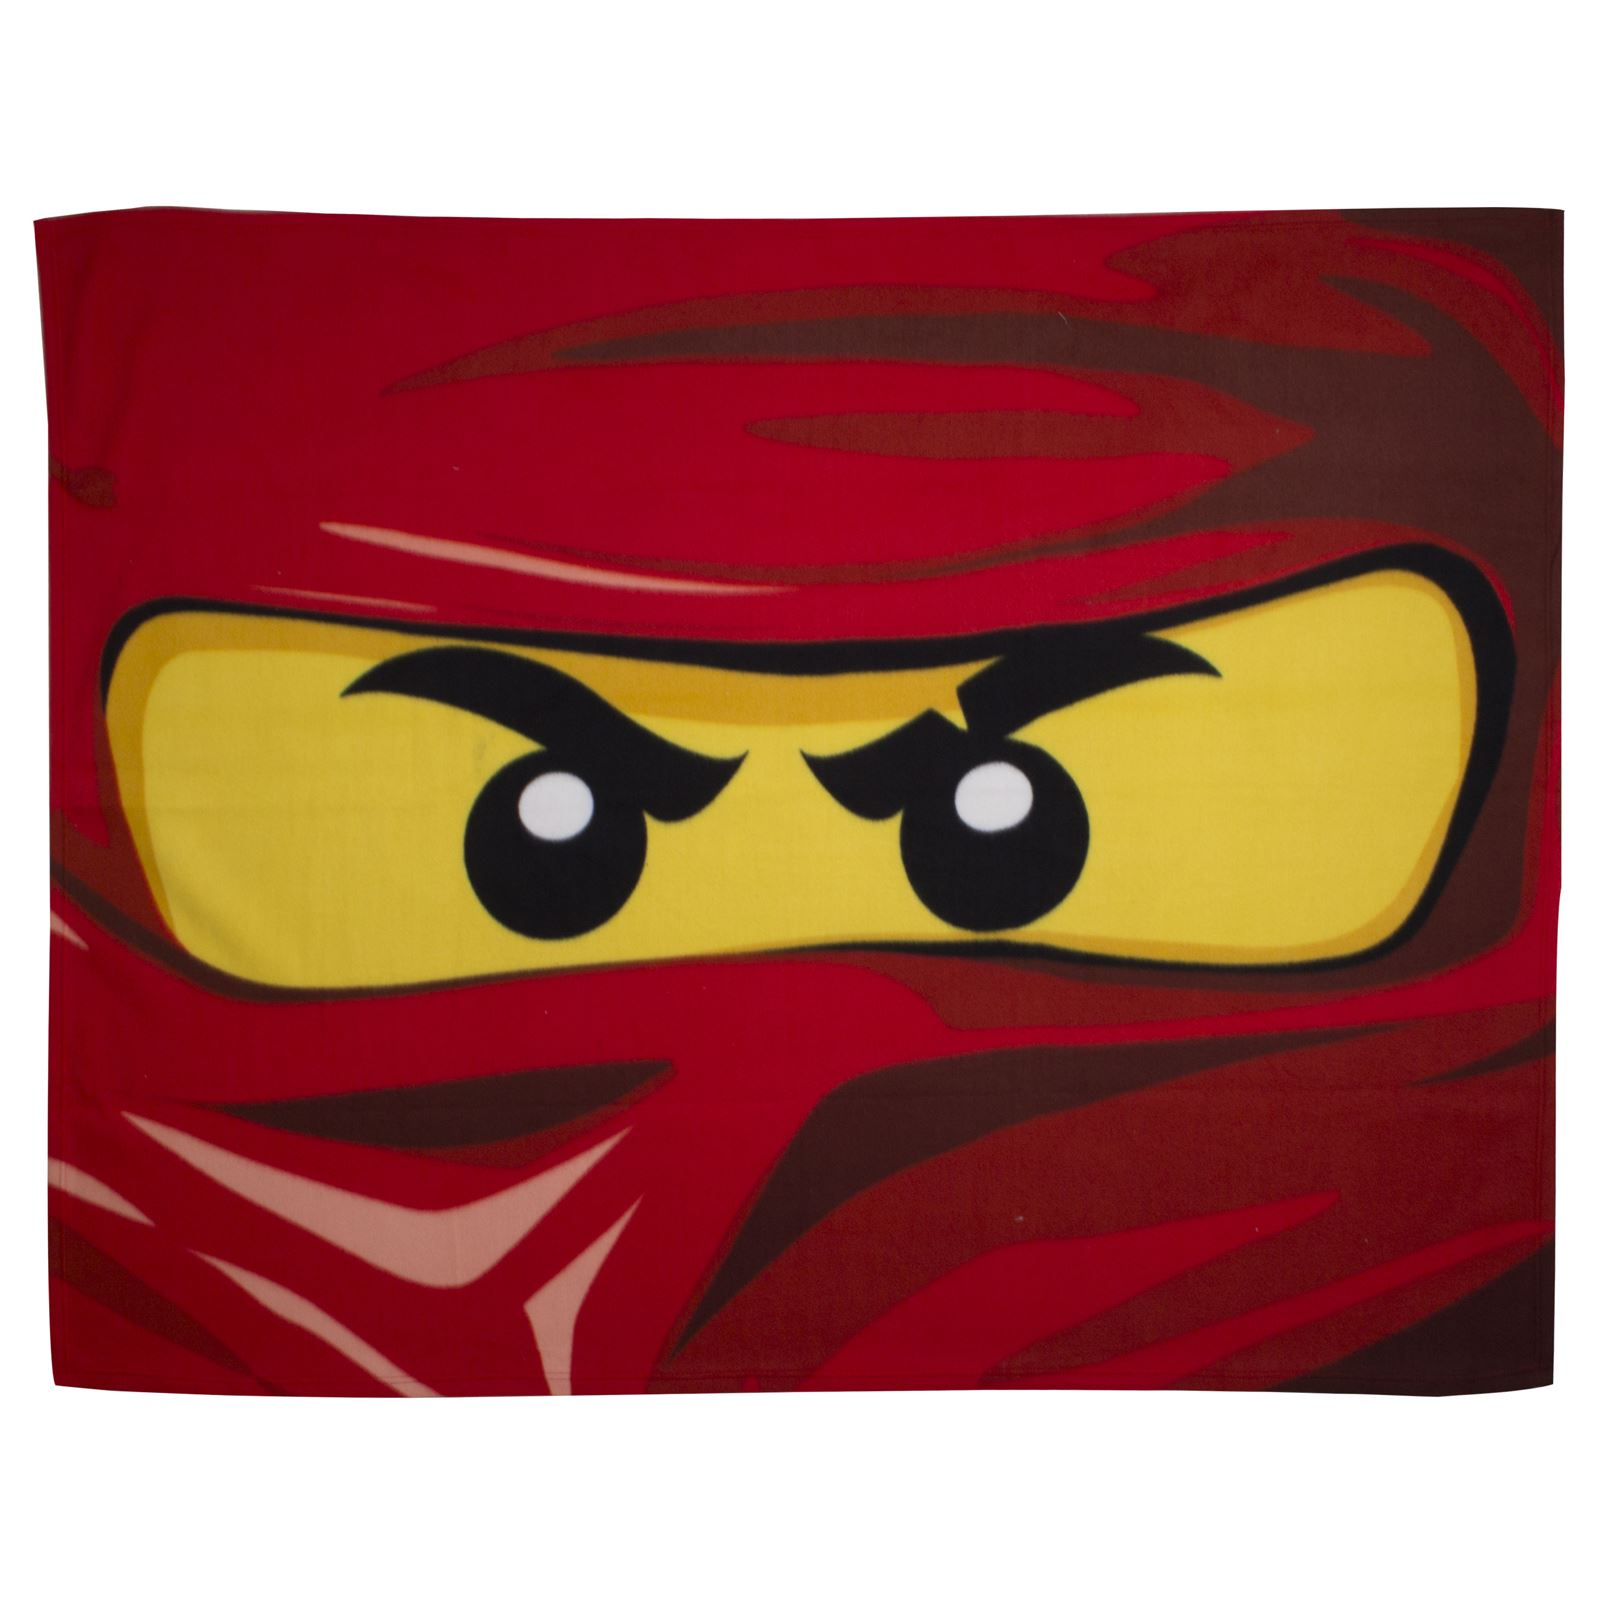 Lego Ninjago Eyes New Range Fleece Blanket Bedding Ebay